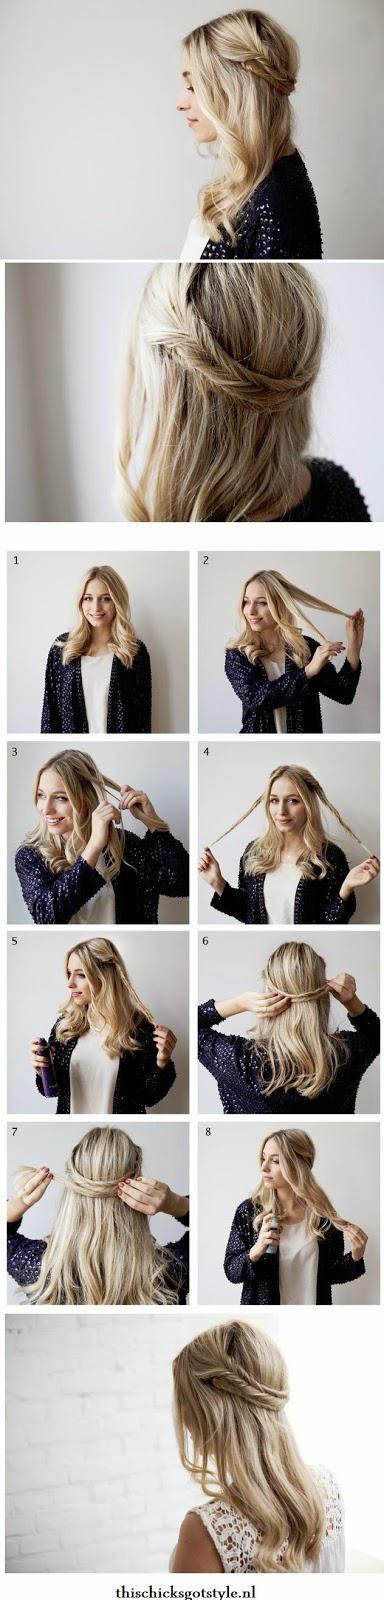 Tutorial Menata Rambut Panjang Dan Pendek Secara Mudah 5